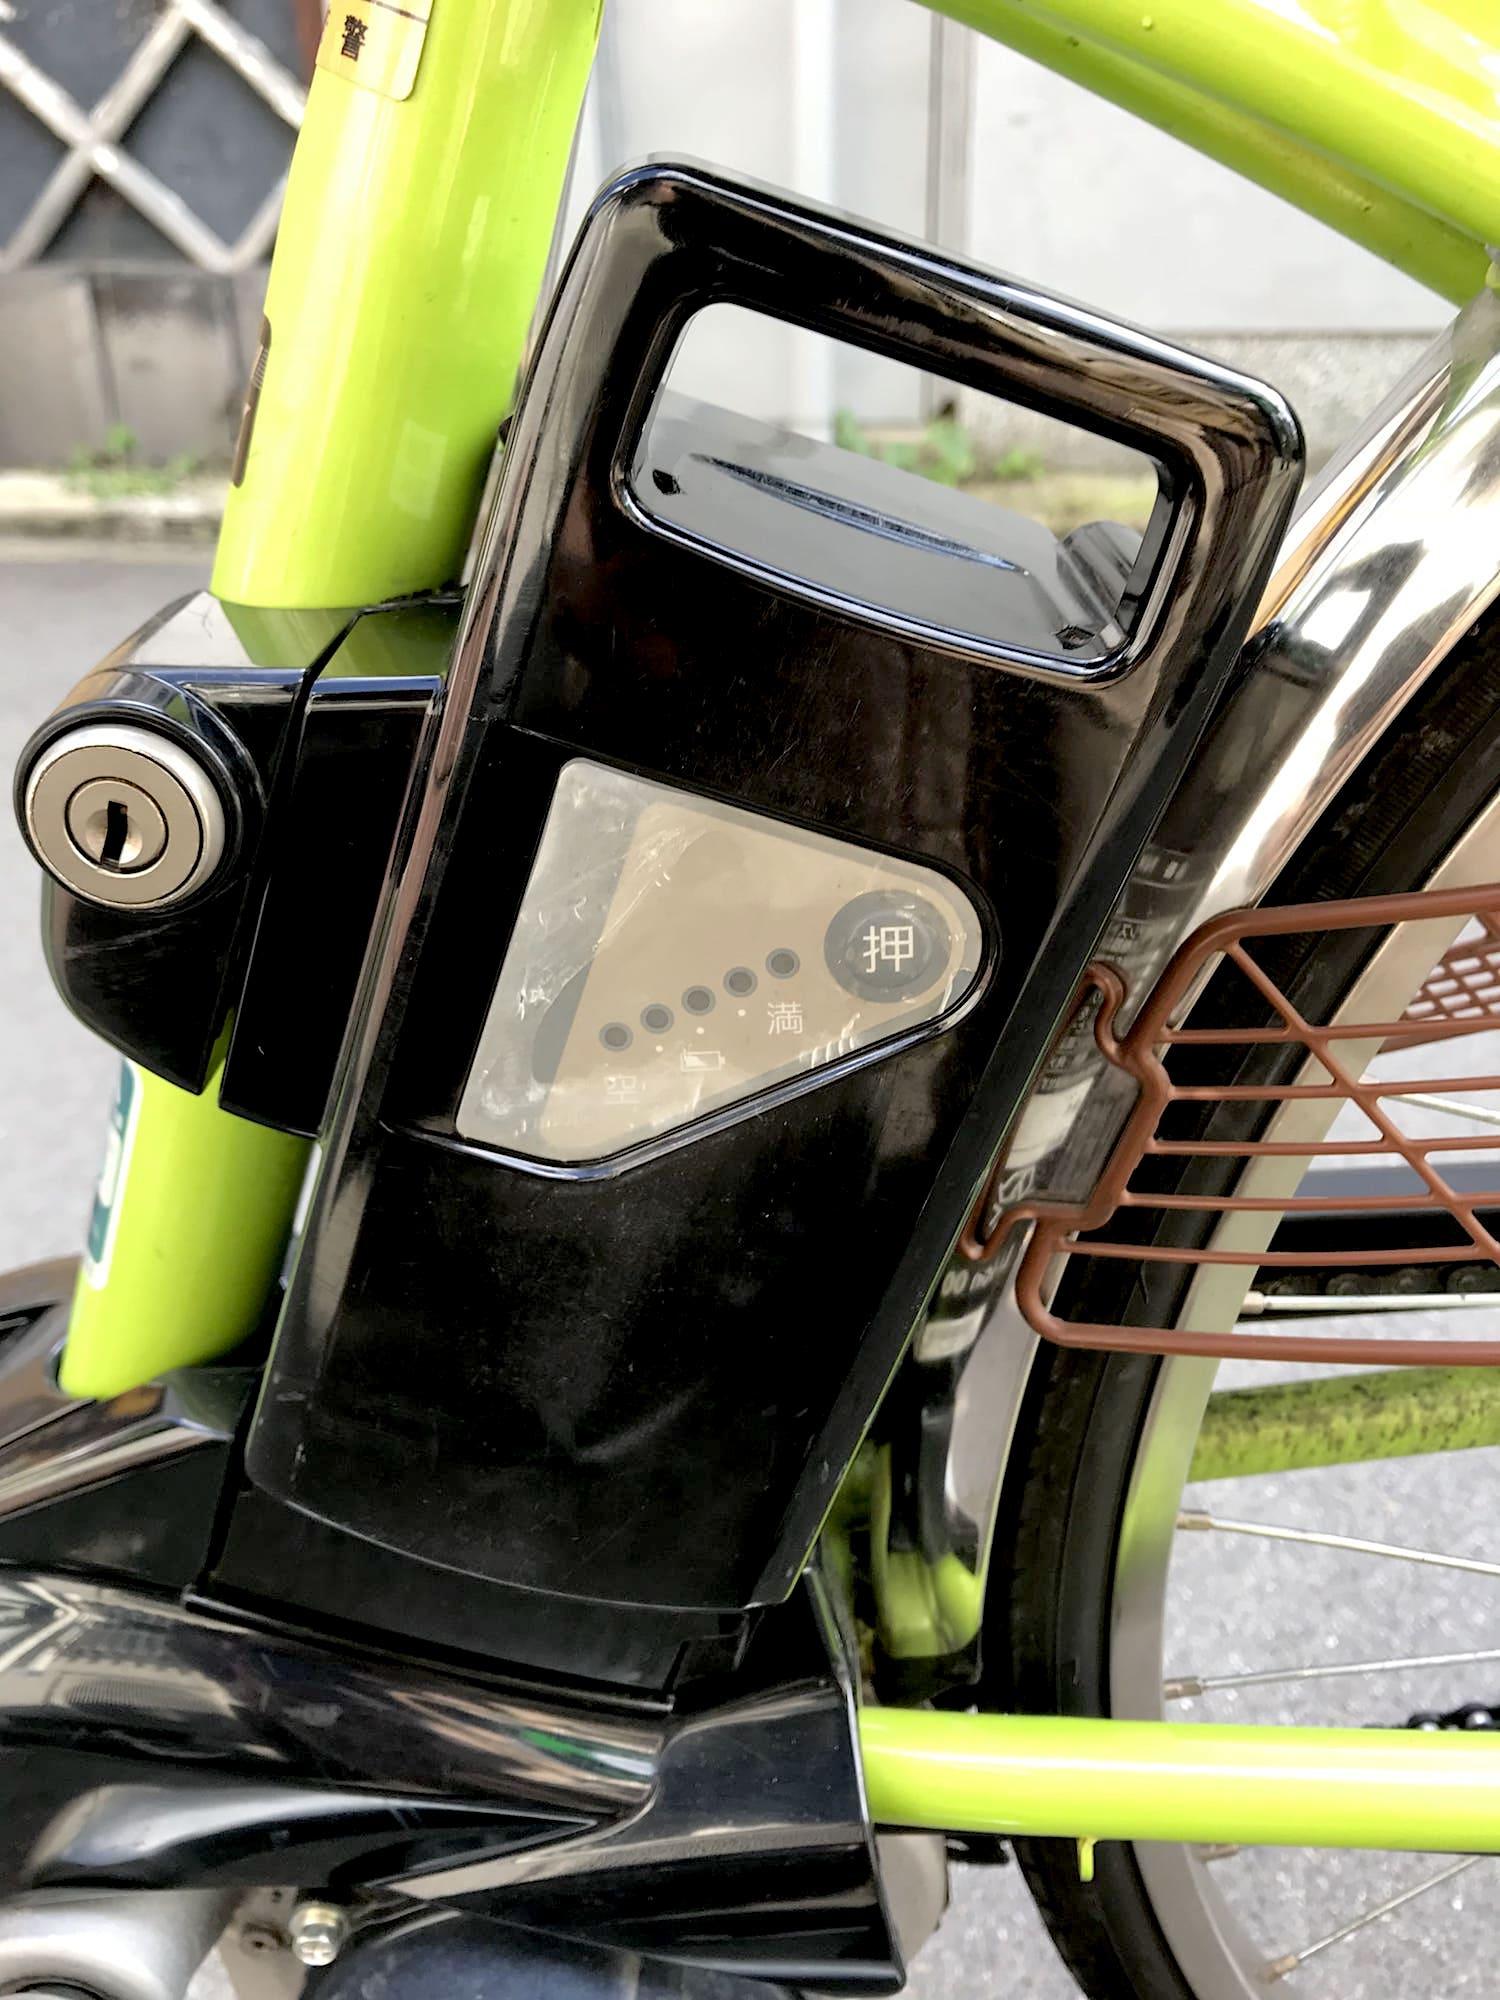 自転車のバッテリーの写真